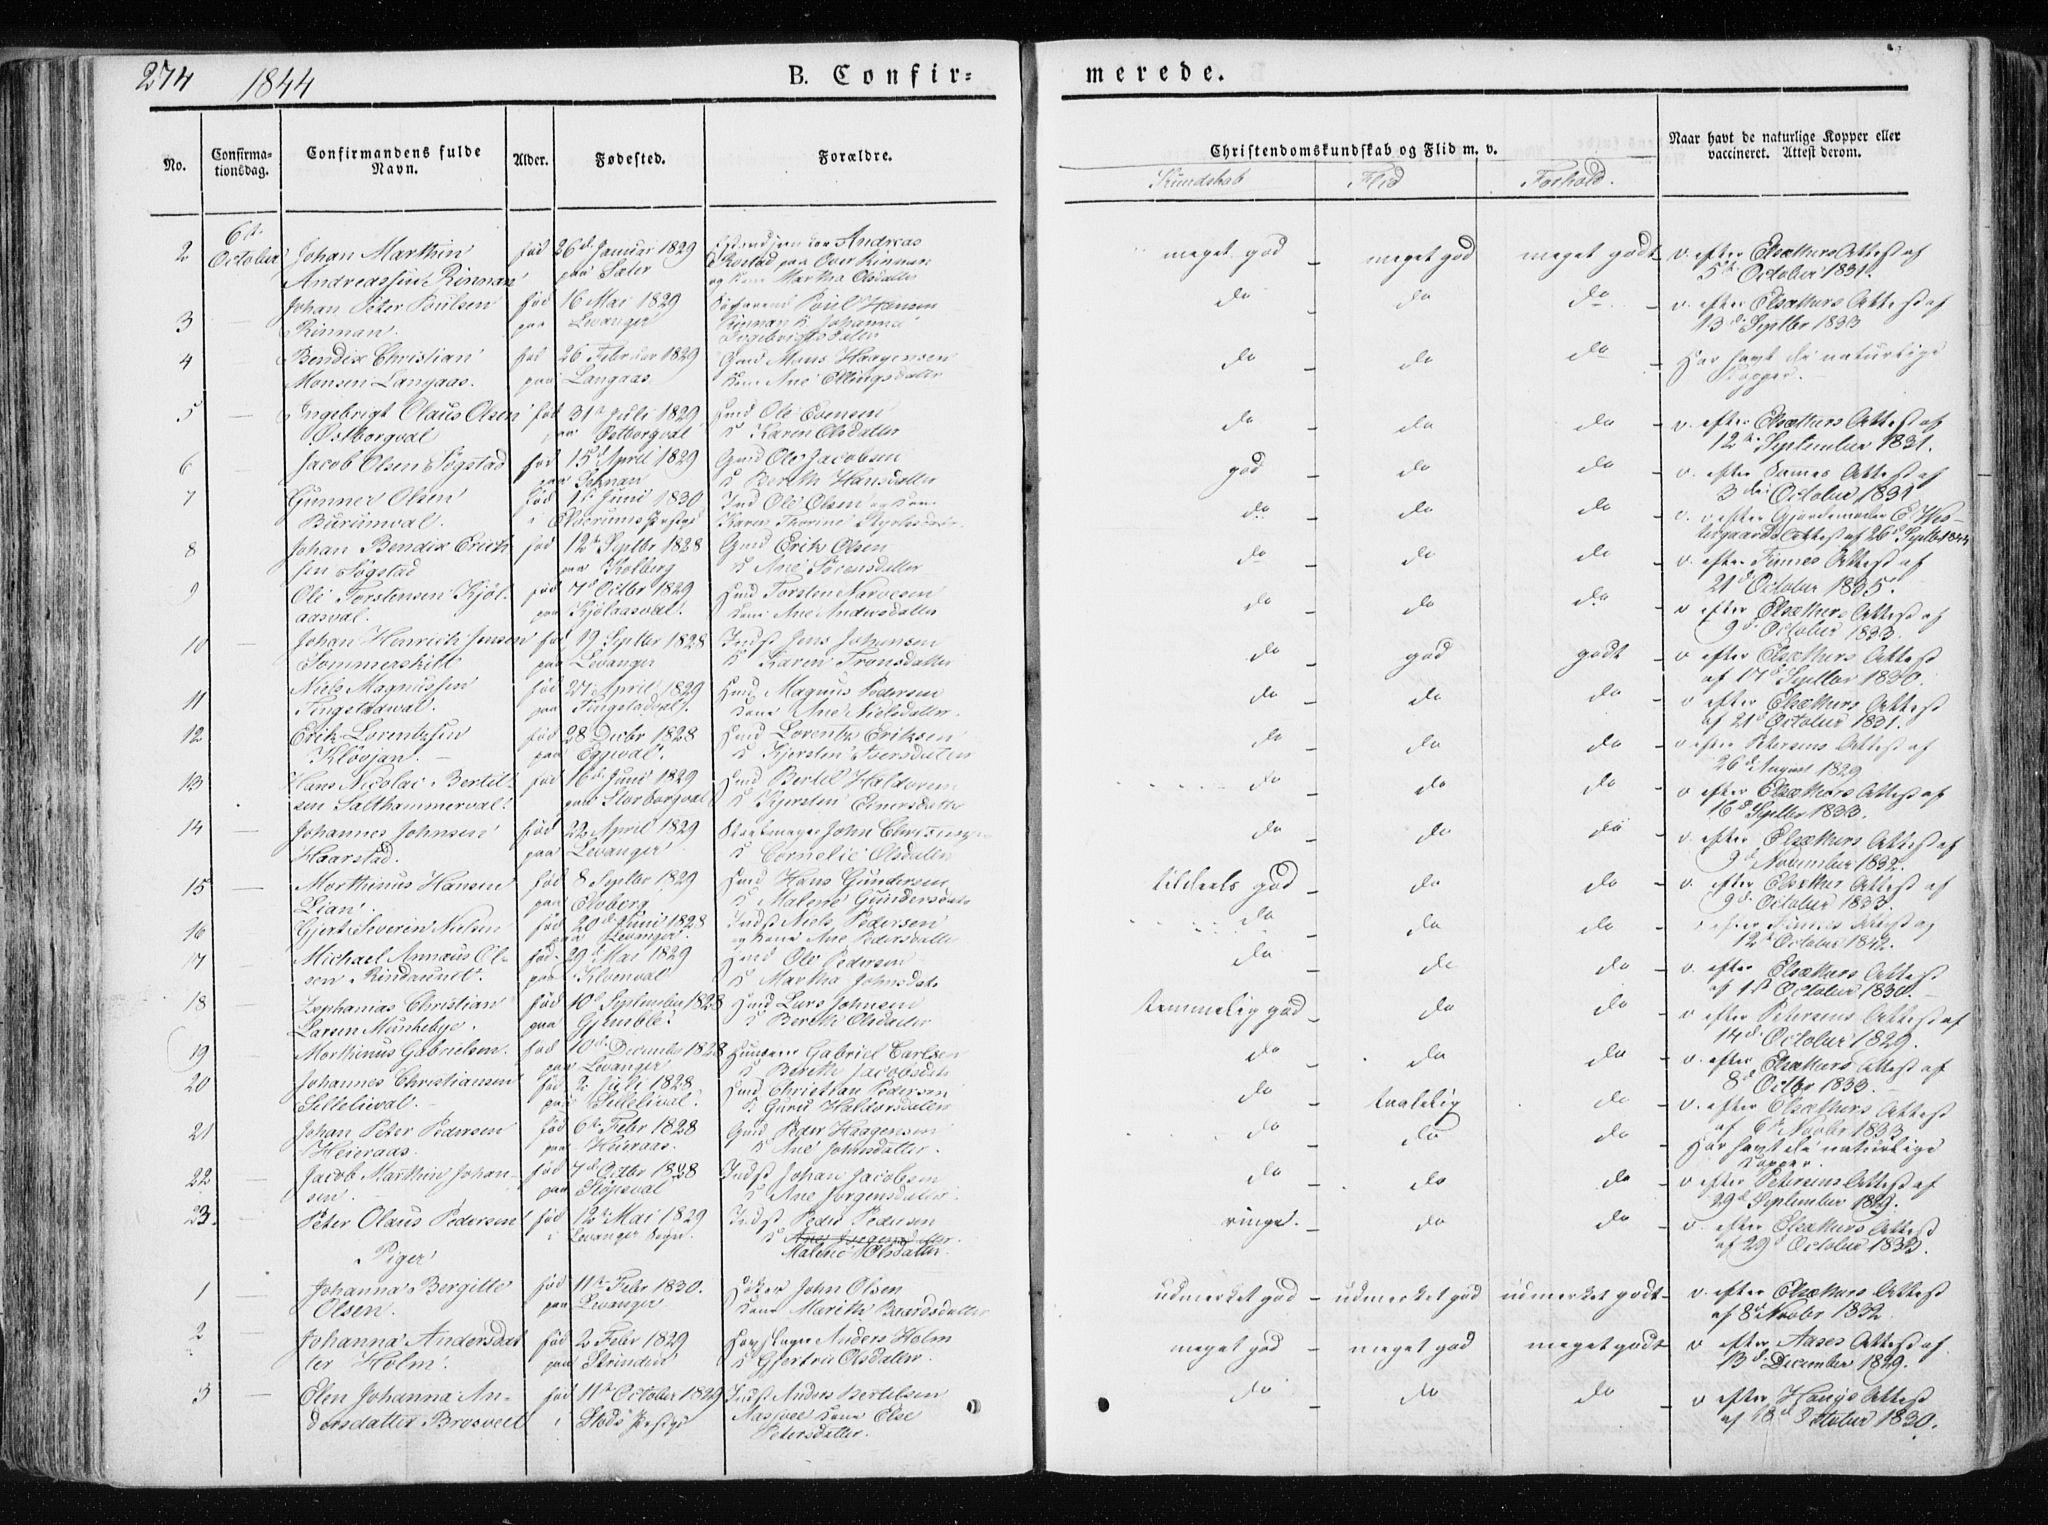 SAT, Ministerialprotokoller, klokkerbøker og fødselsregistre - Nord-Trøndelag, 717/L0154: Ministerialbok nr. 717A06 /1, 1836-1849, s. 274